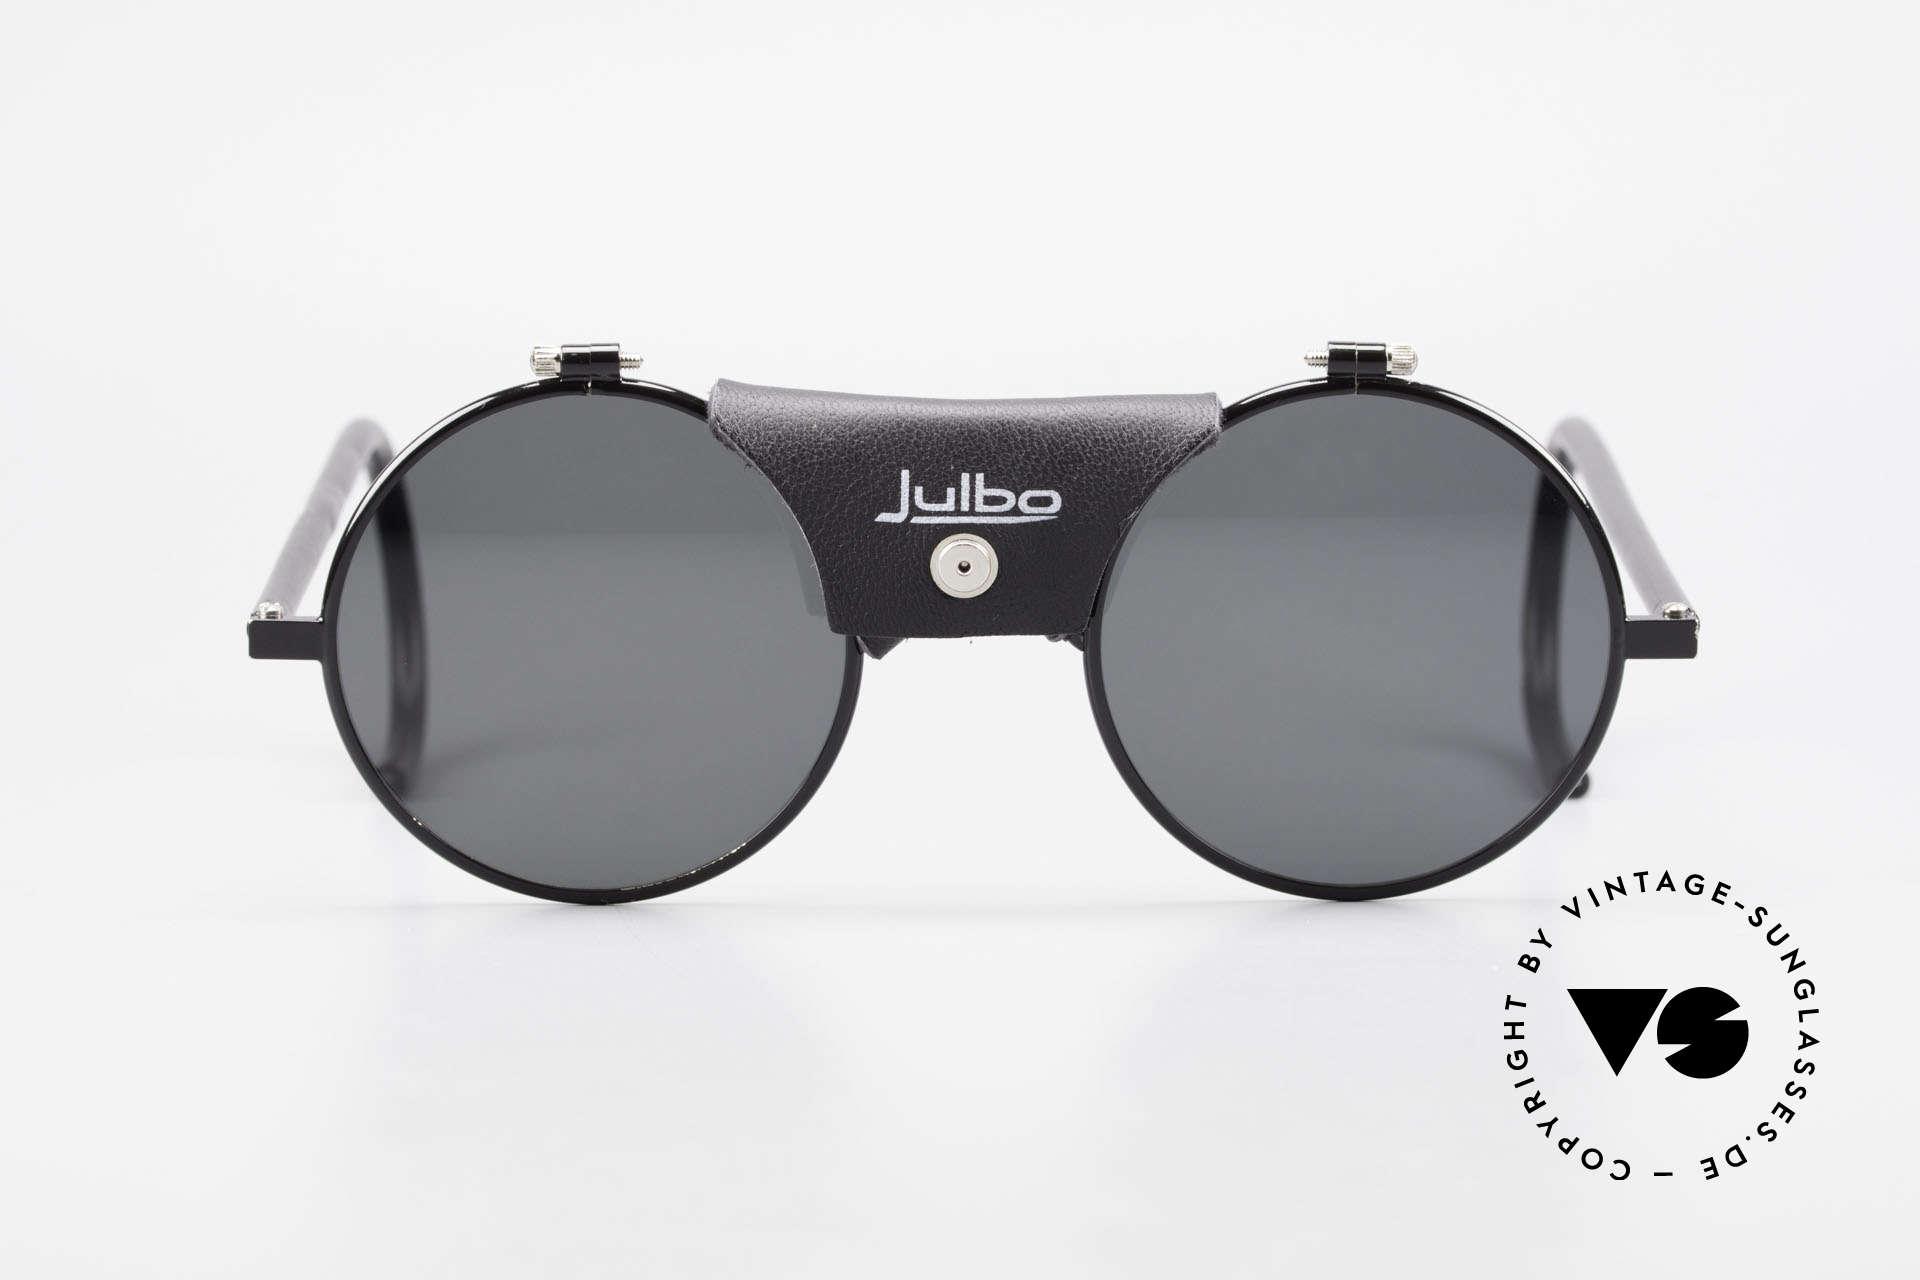 Julbo Vermont Runde Sport Sonnenbrille 90er, konzipiert für den hochalpinen Einsatz & Wassersport, Passend für Herren